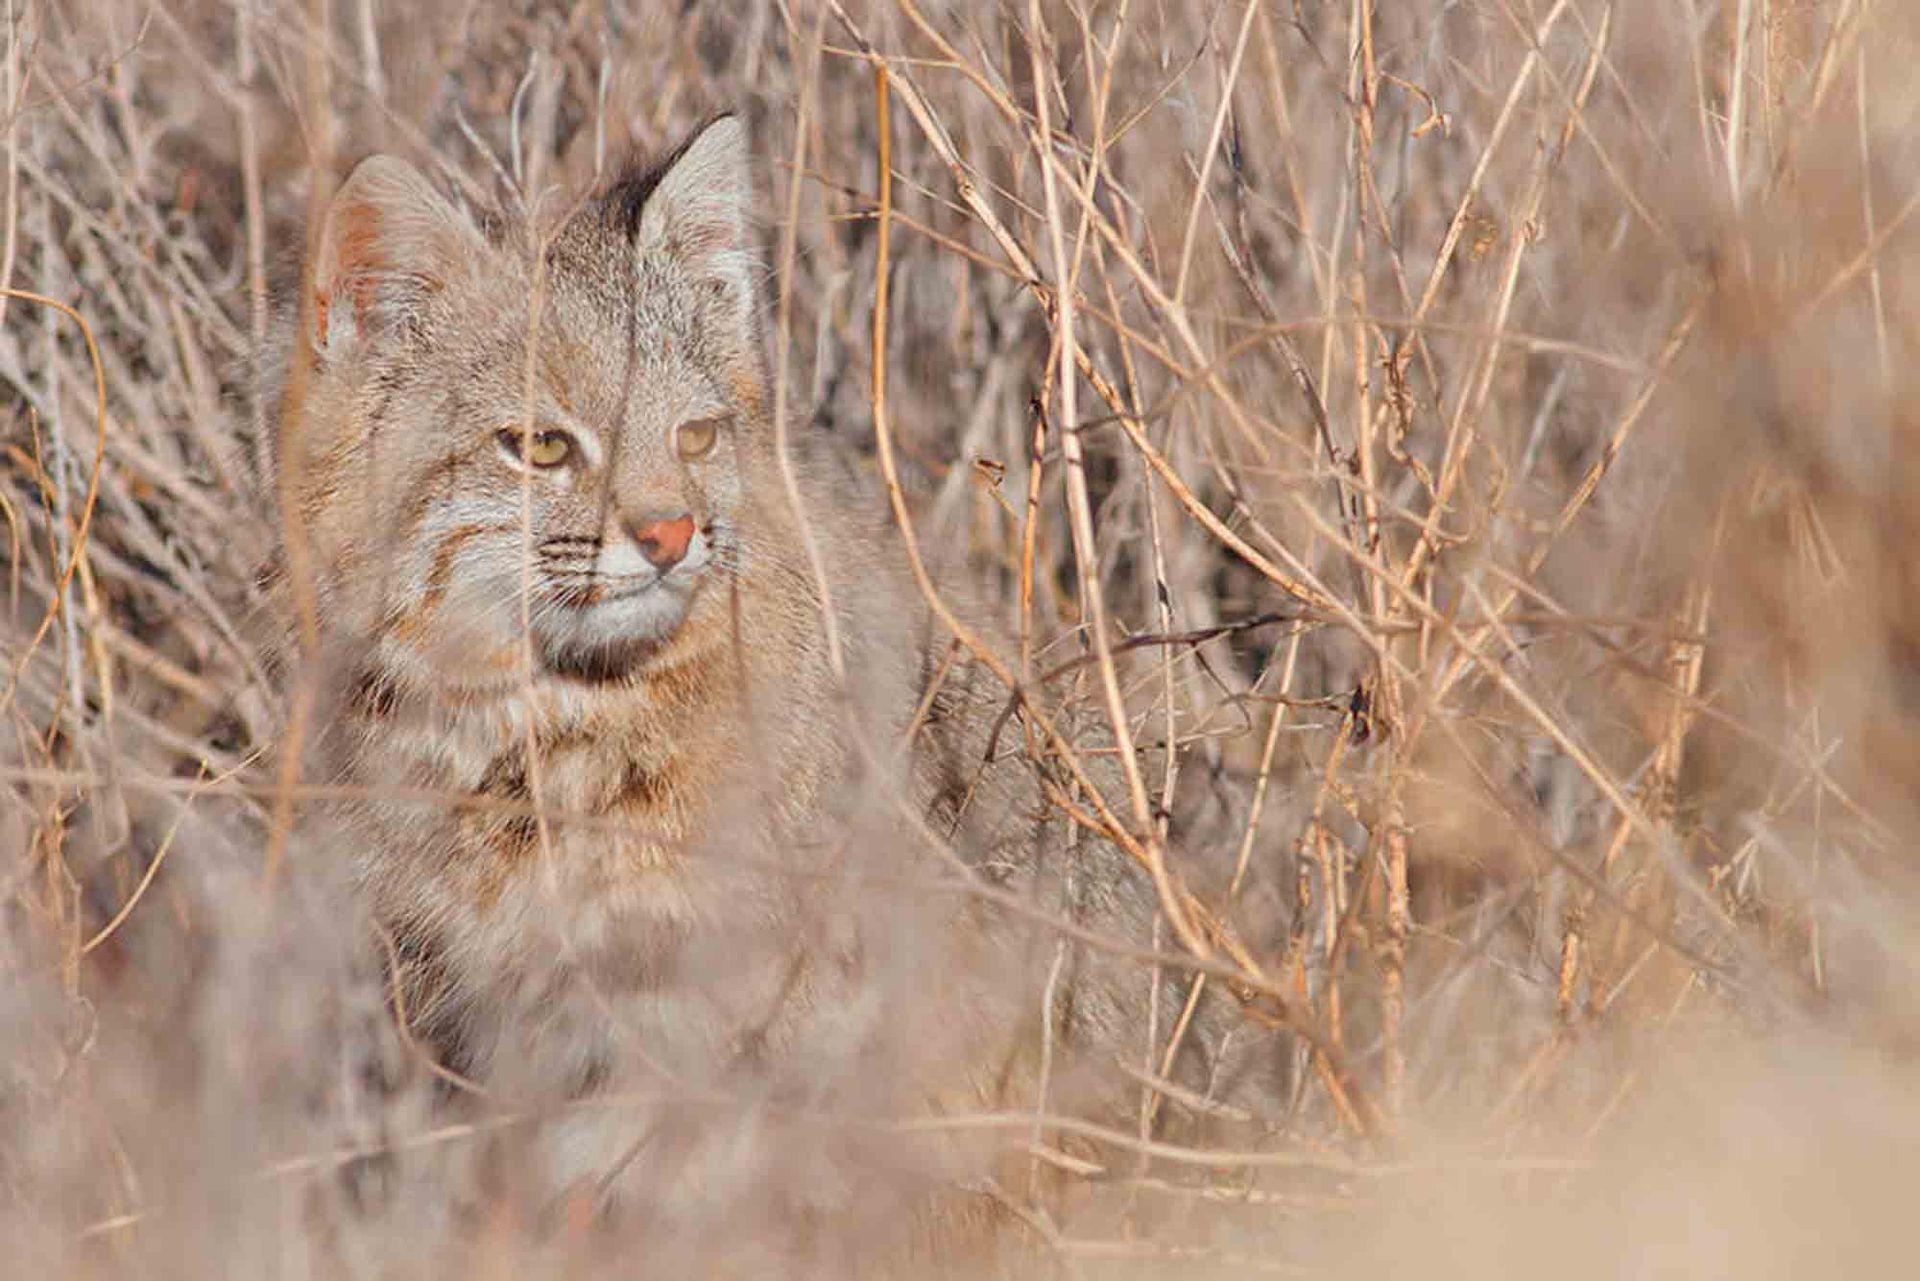 El Gato de Pajonal habita zonas con pastizales altos y matorrales secos que le permiten camuflarse.